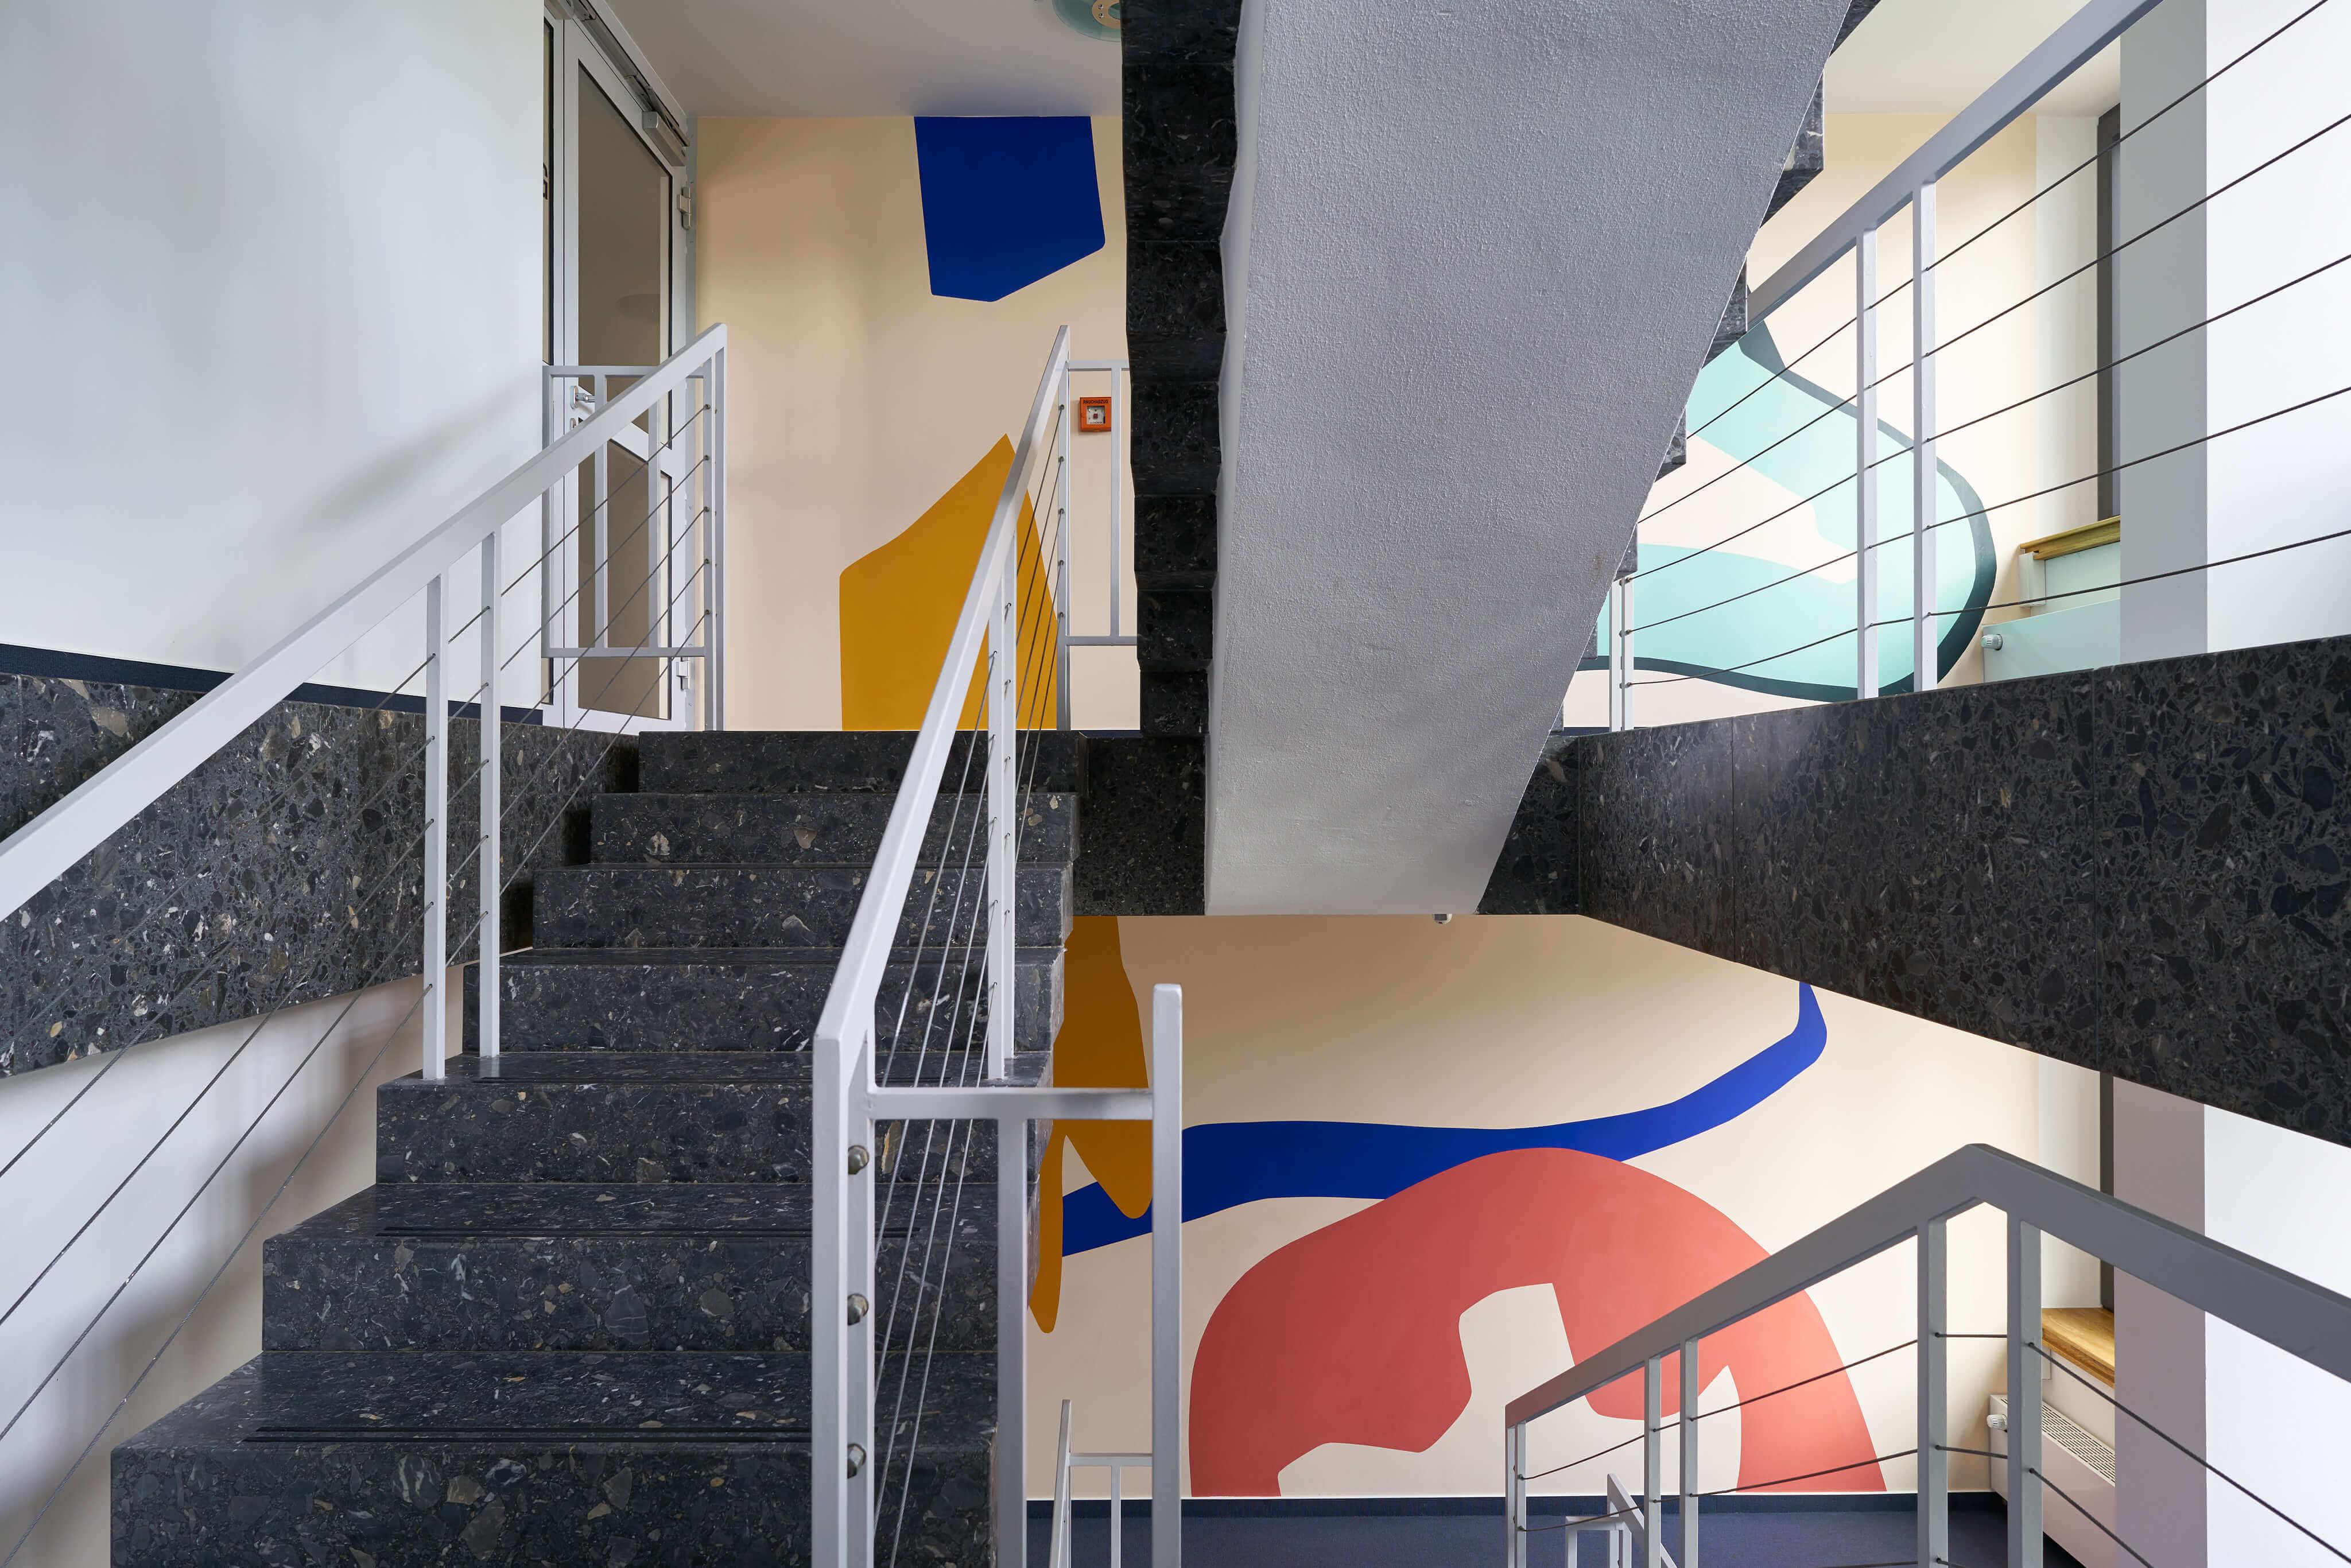 135_Frauke Dannert_Kunst am Bau_DFG